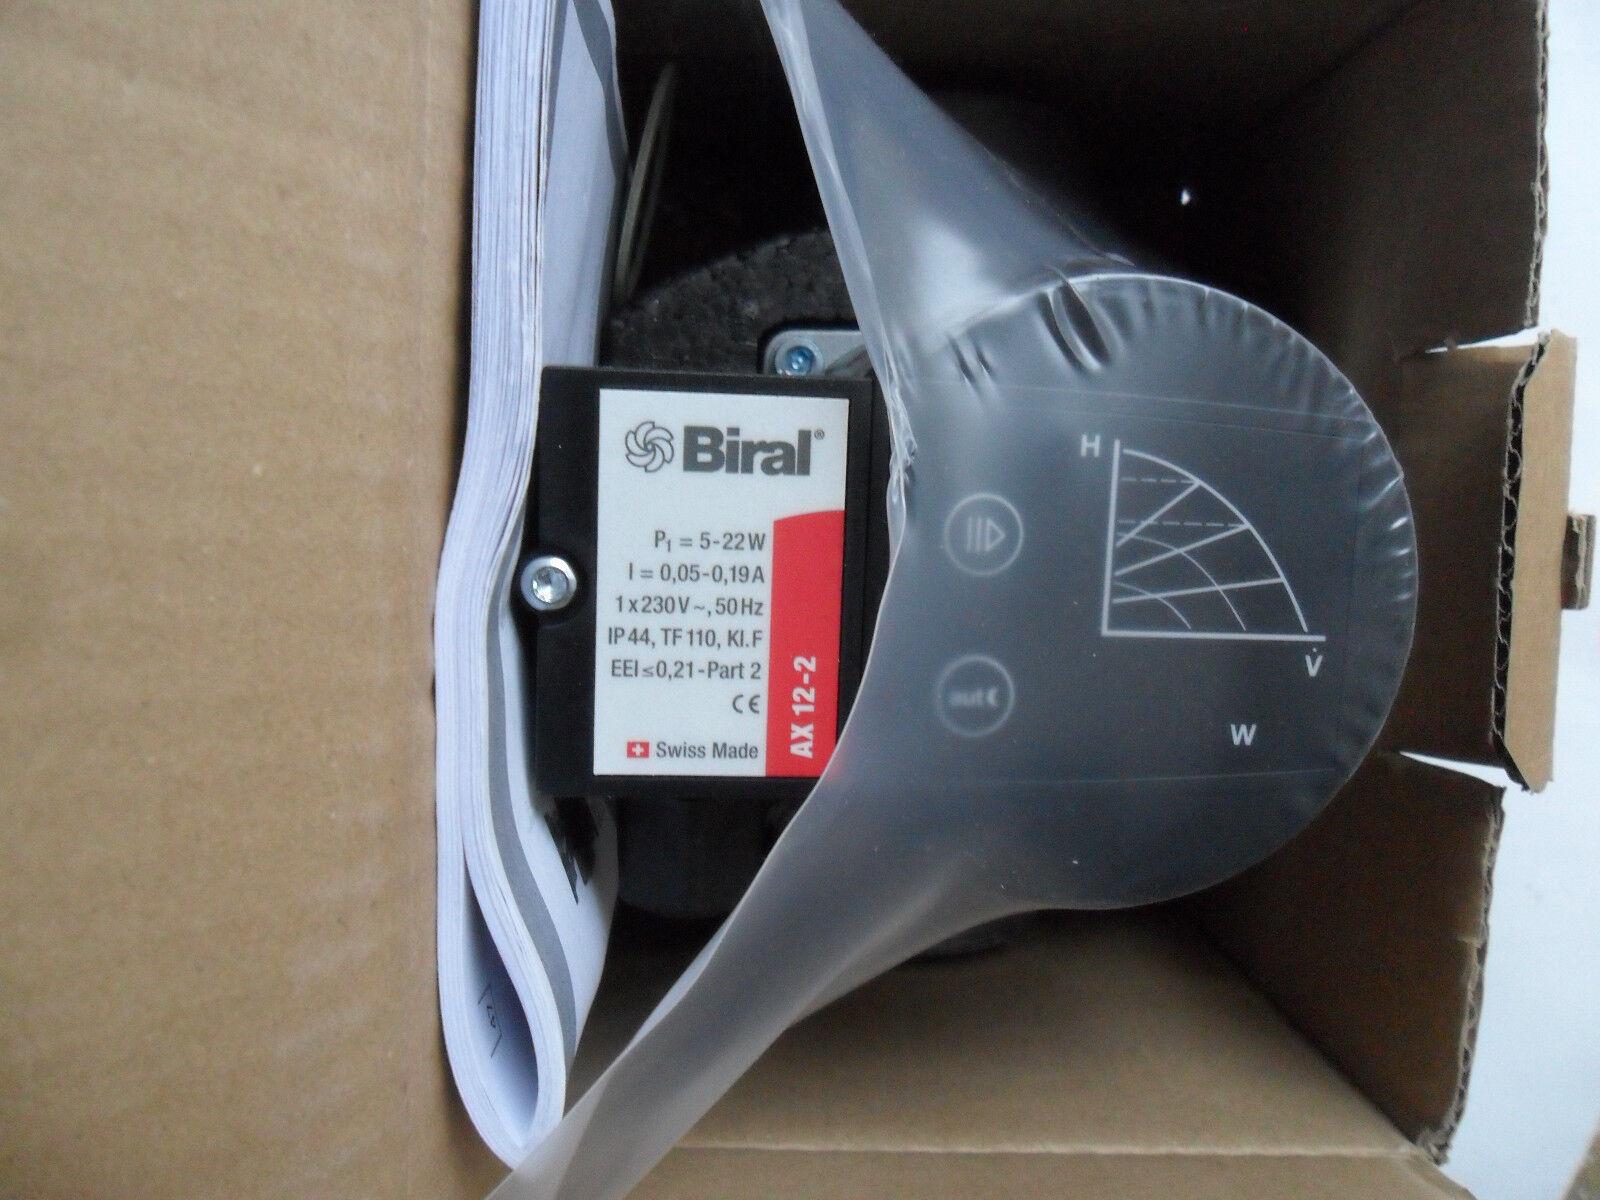 Biral AX 12-2  Heizungs- u.Solarpumpe (32-4) aus der Schweiz. TOPQUALITÄT